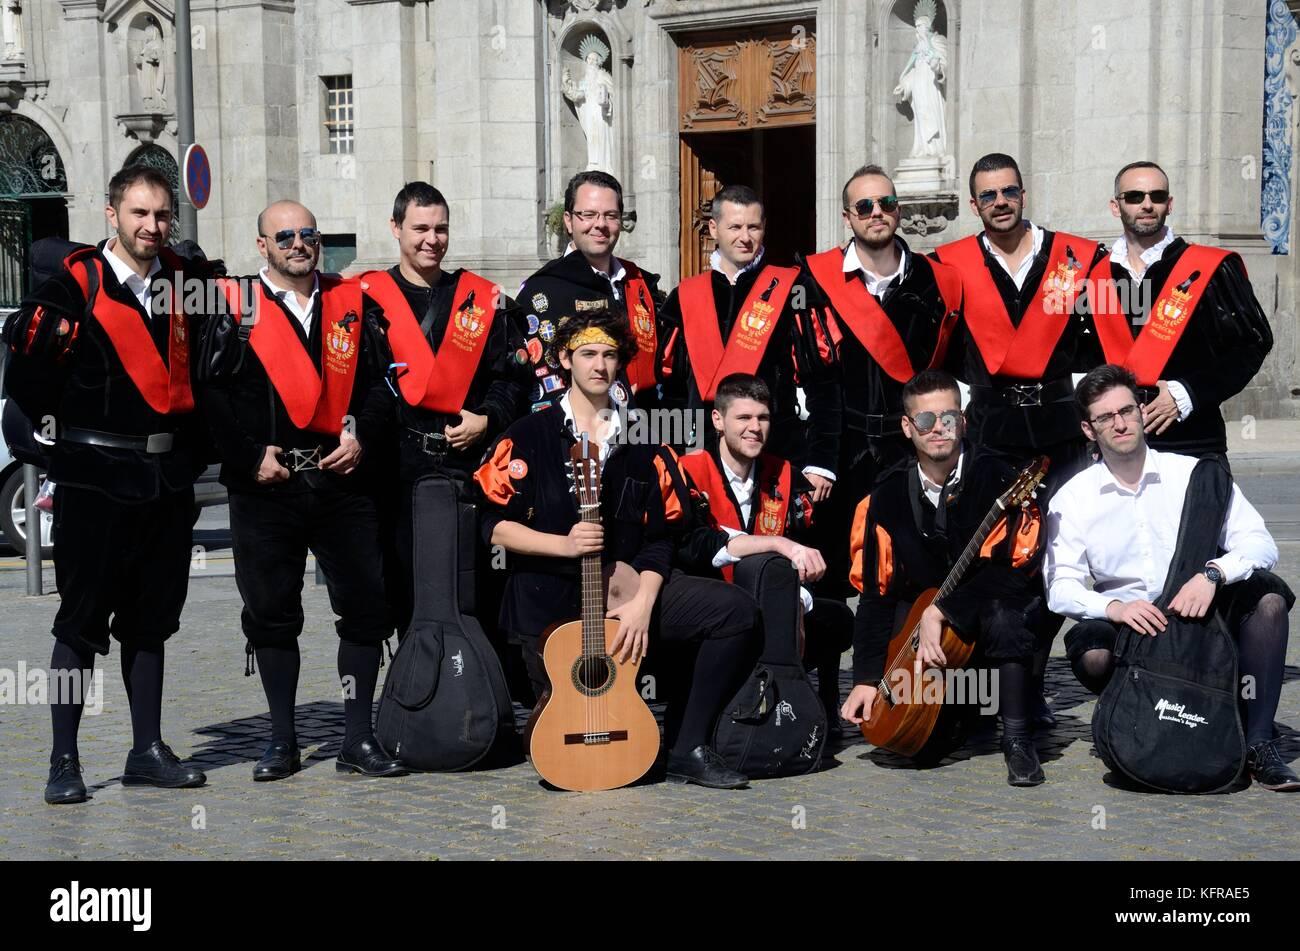 Spanish Costume Stock Photos & Spanish Costume Stock ...